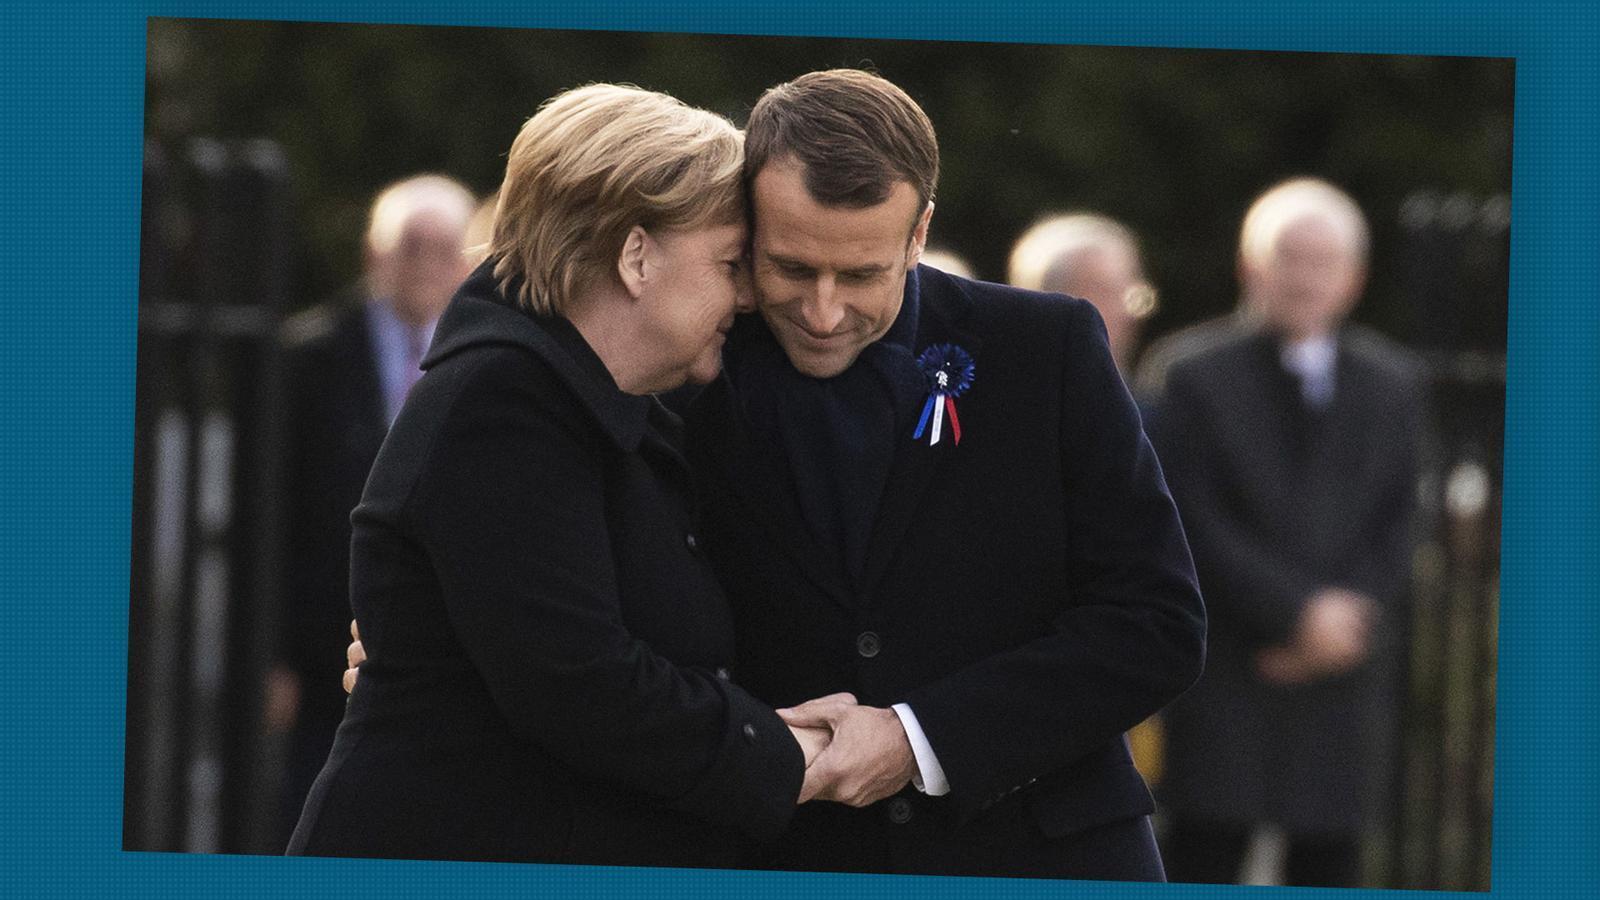 L'anàlisi d'Antoni Bassas: 'Macron i la distinció entre patriotisme i nacionalisme'